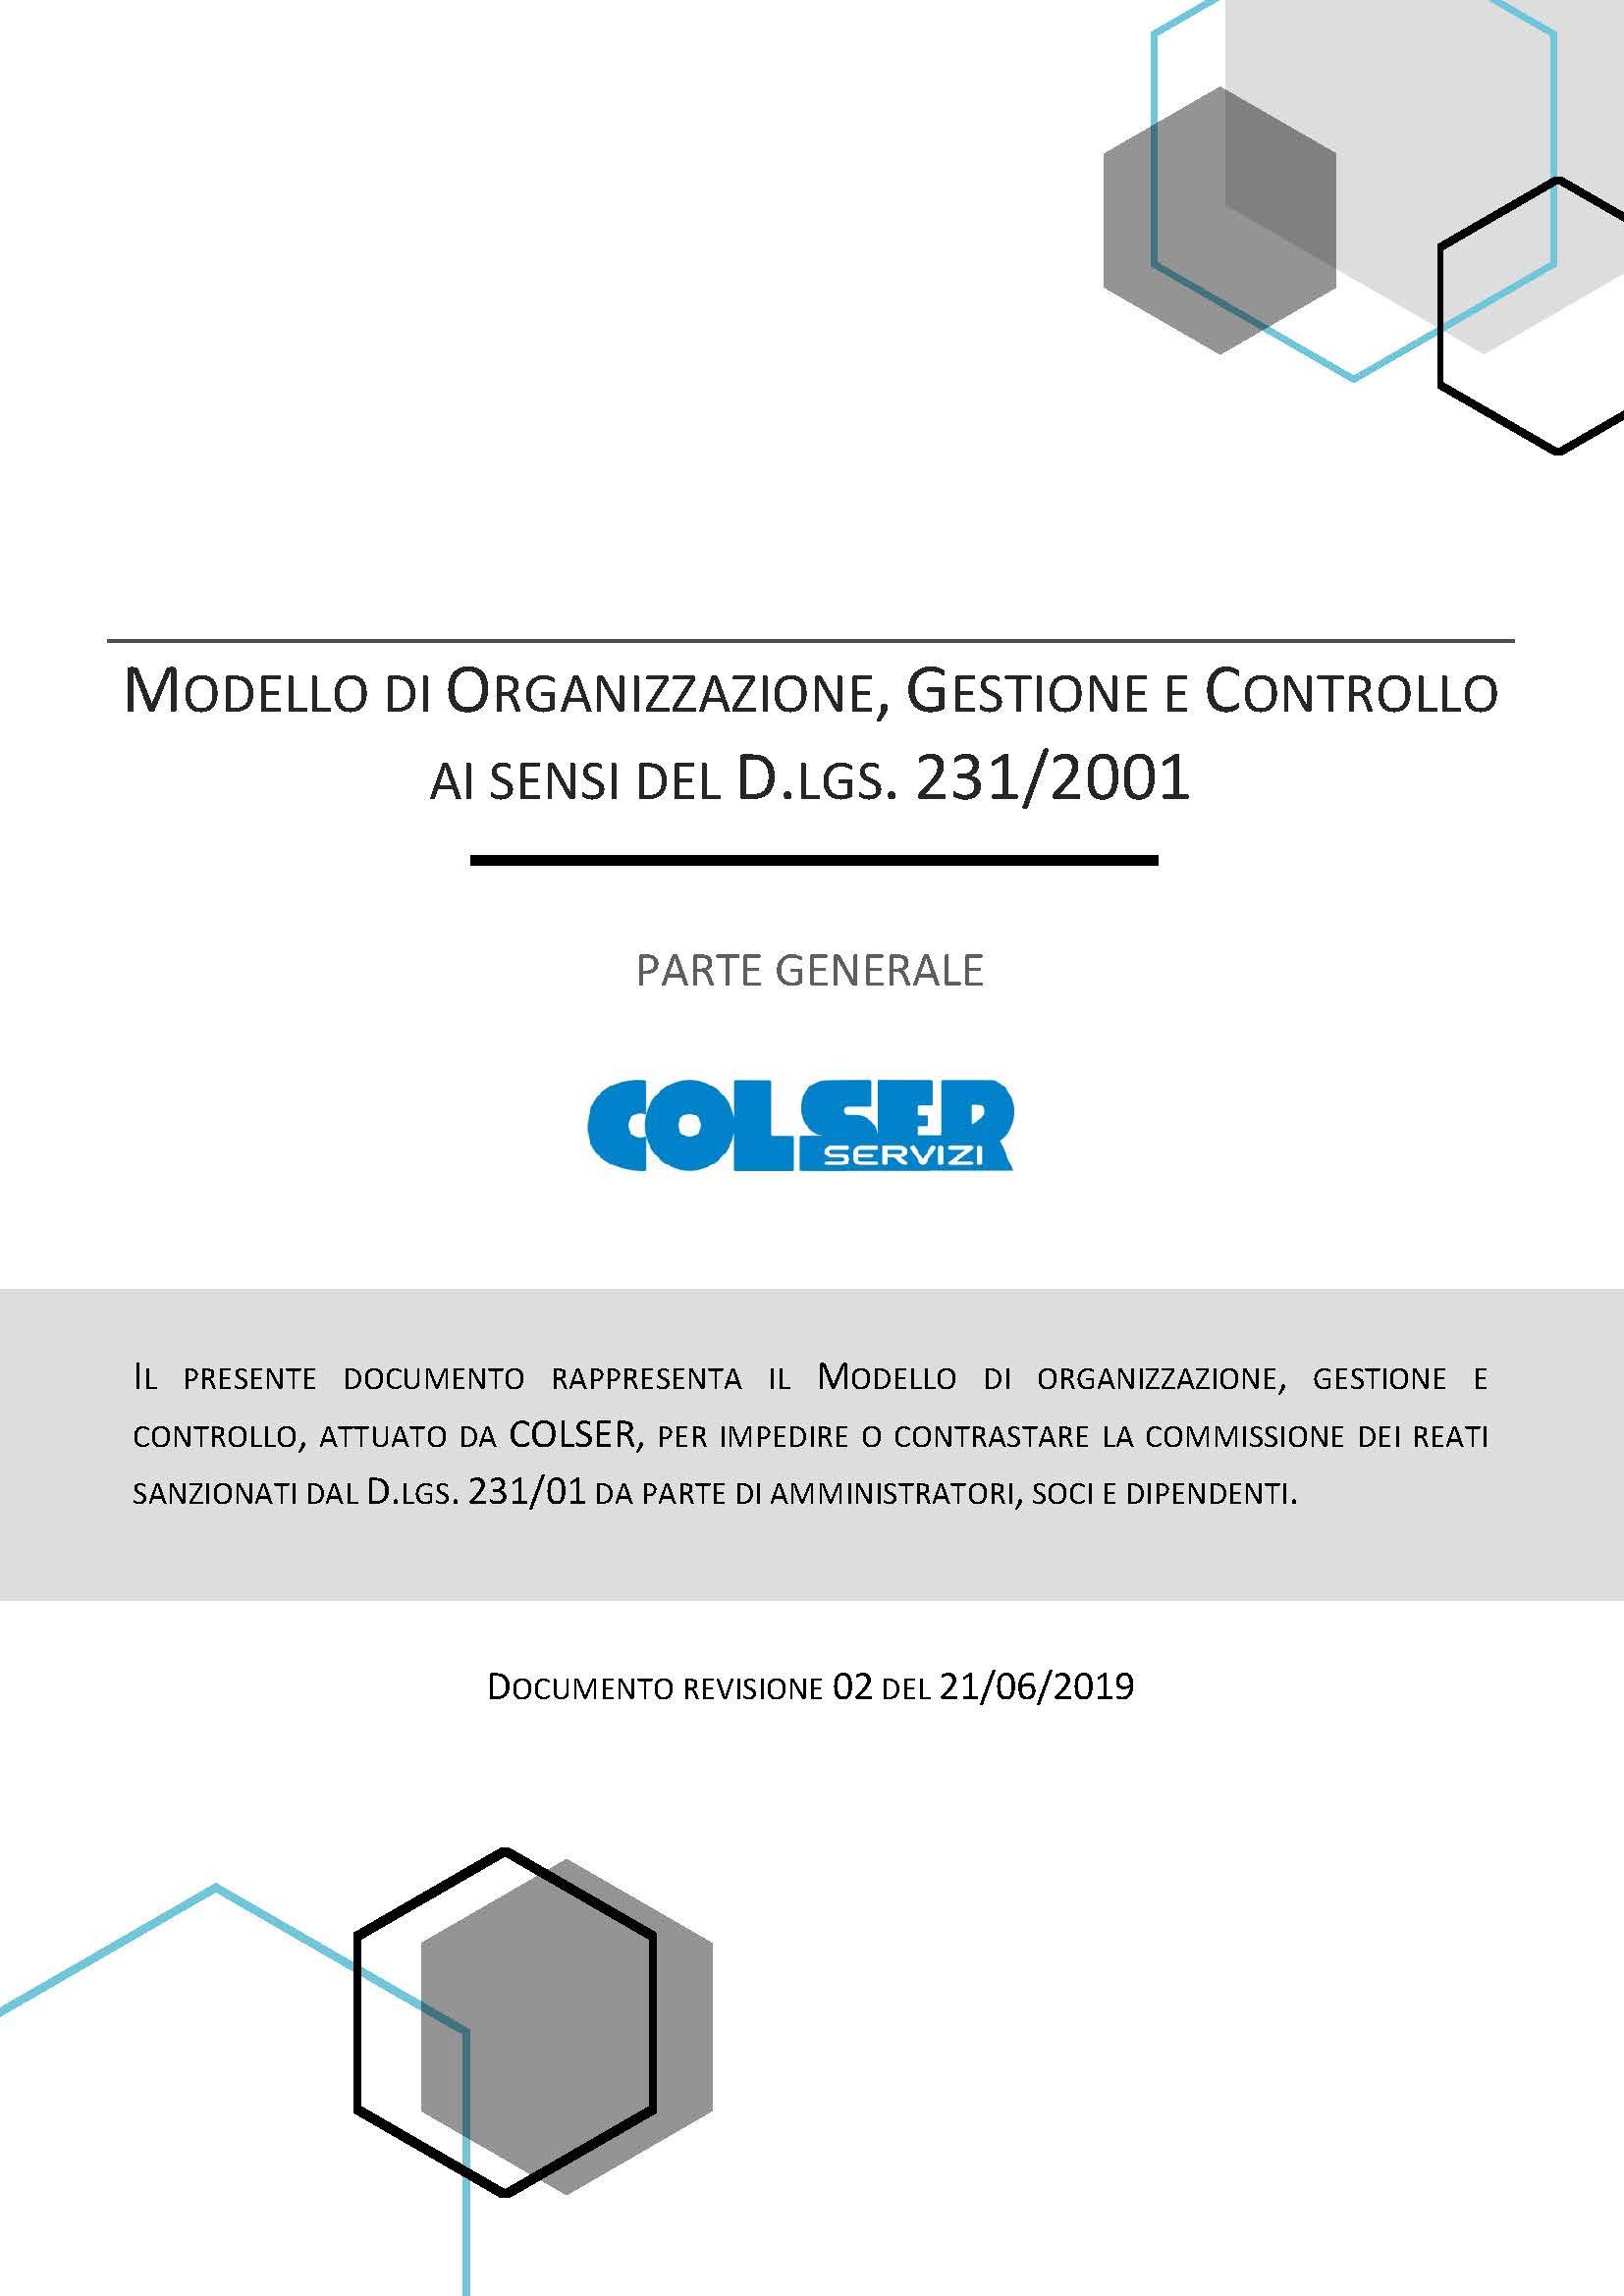 Modello di Organizzazione, Gestione e Controllo - 2019